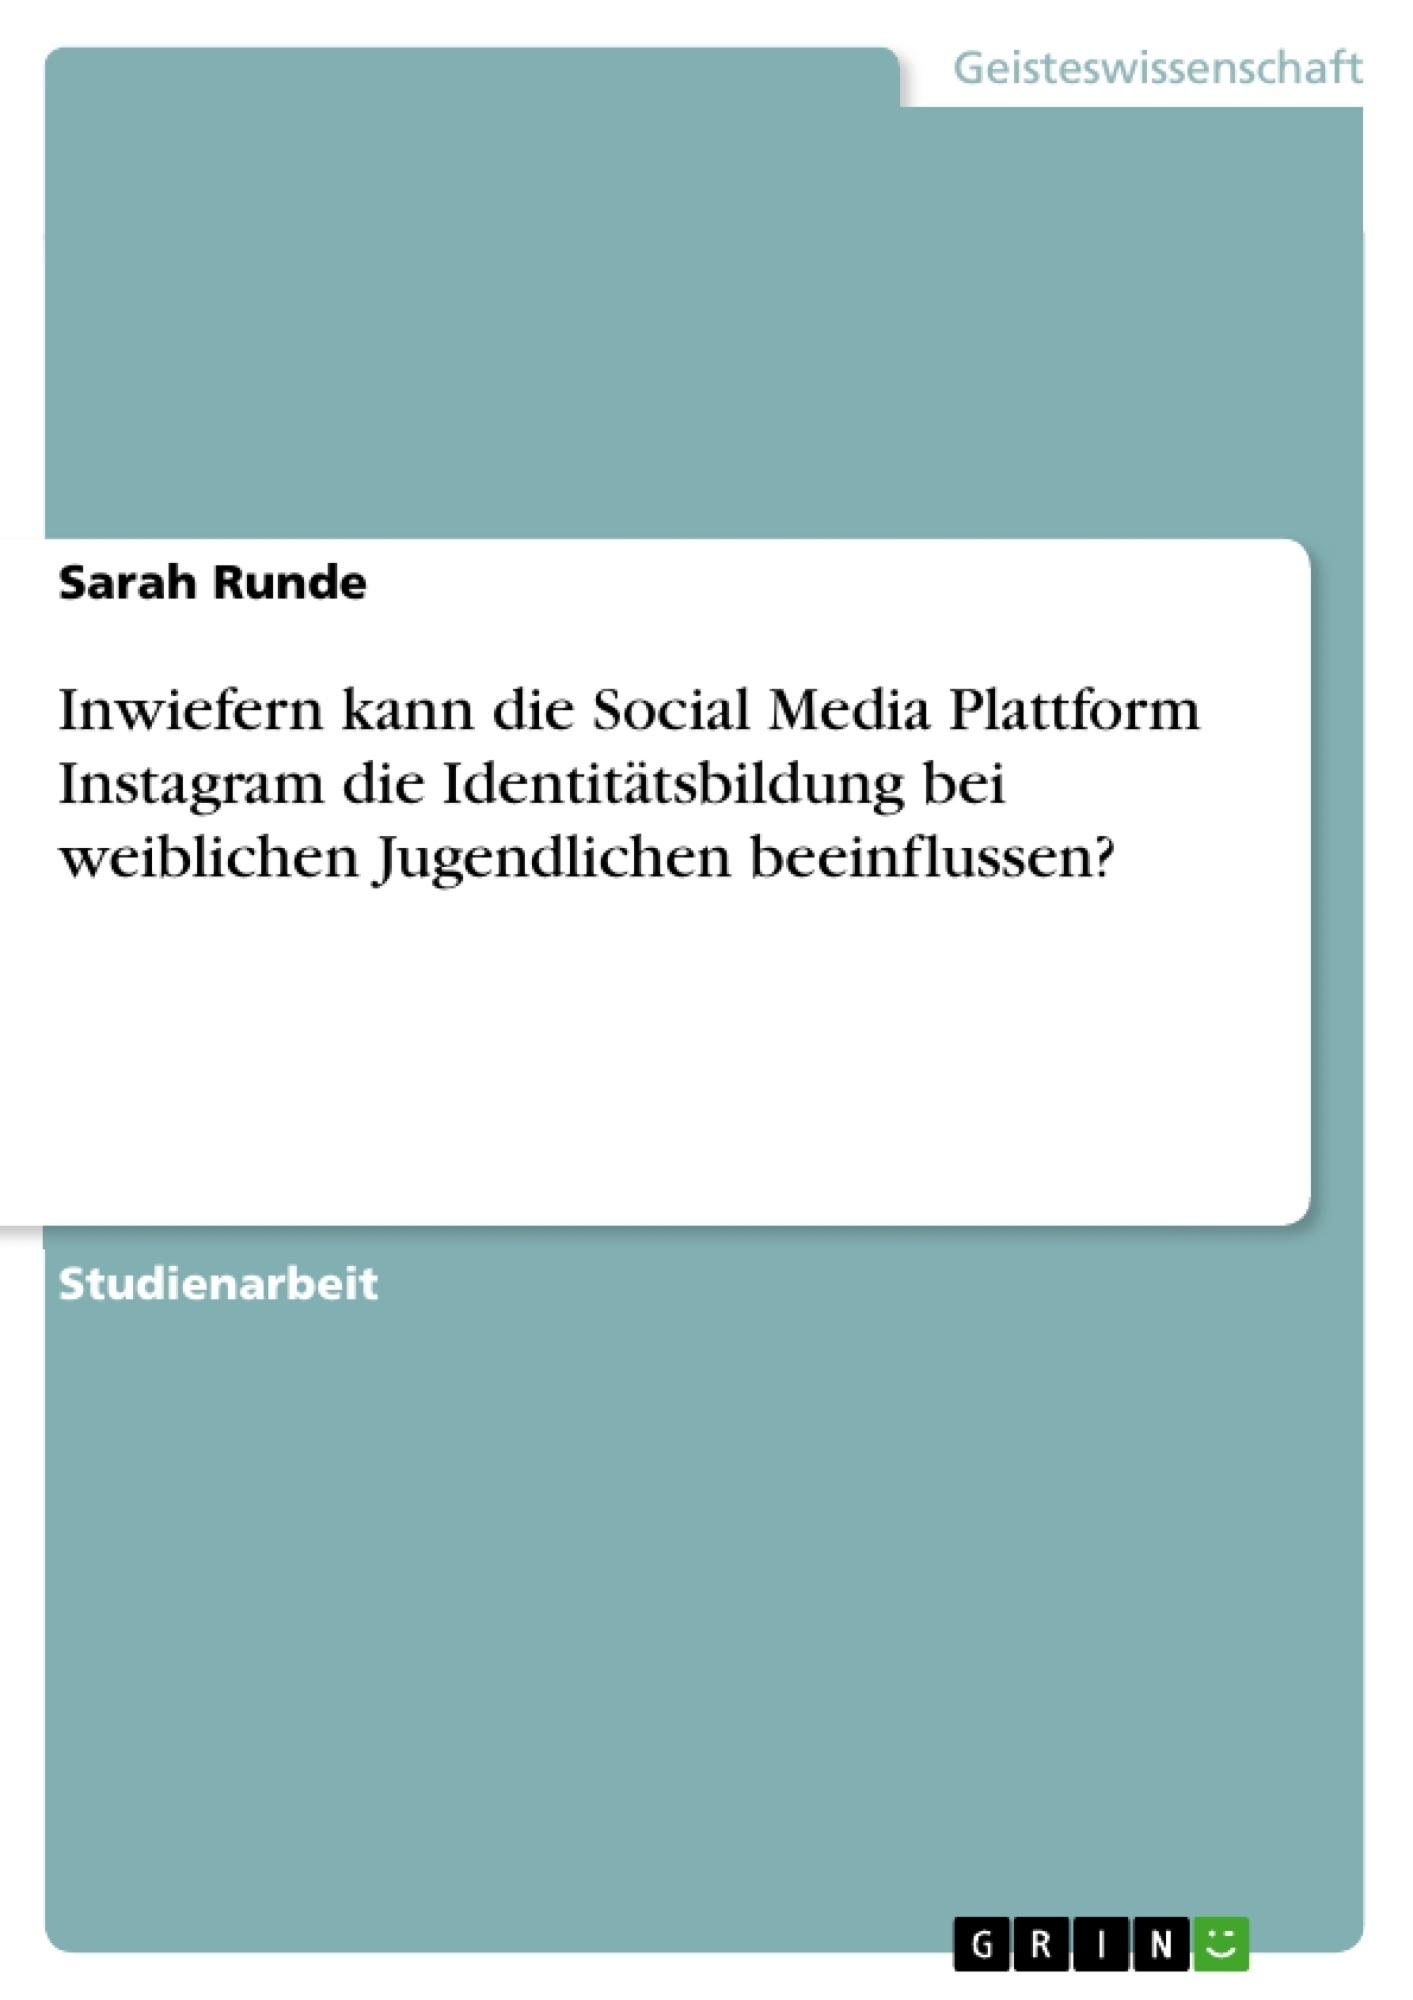 Titel: Inwiefern kann die Social Media Plattform Instagram die Identitätsbildung bei weiblichen Jugendlichen beeinflussen?